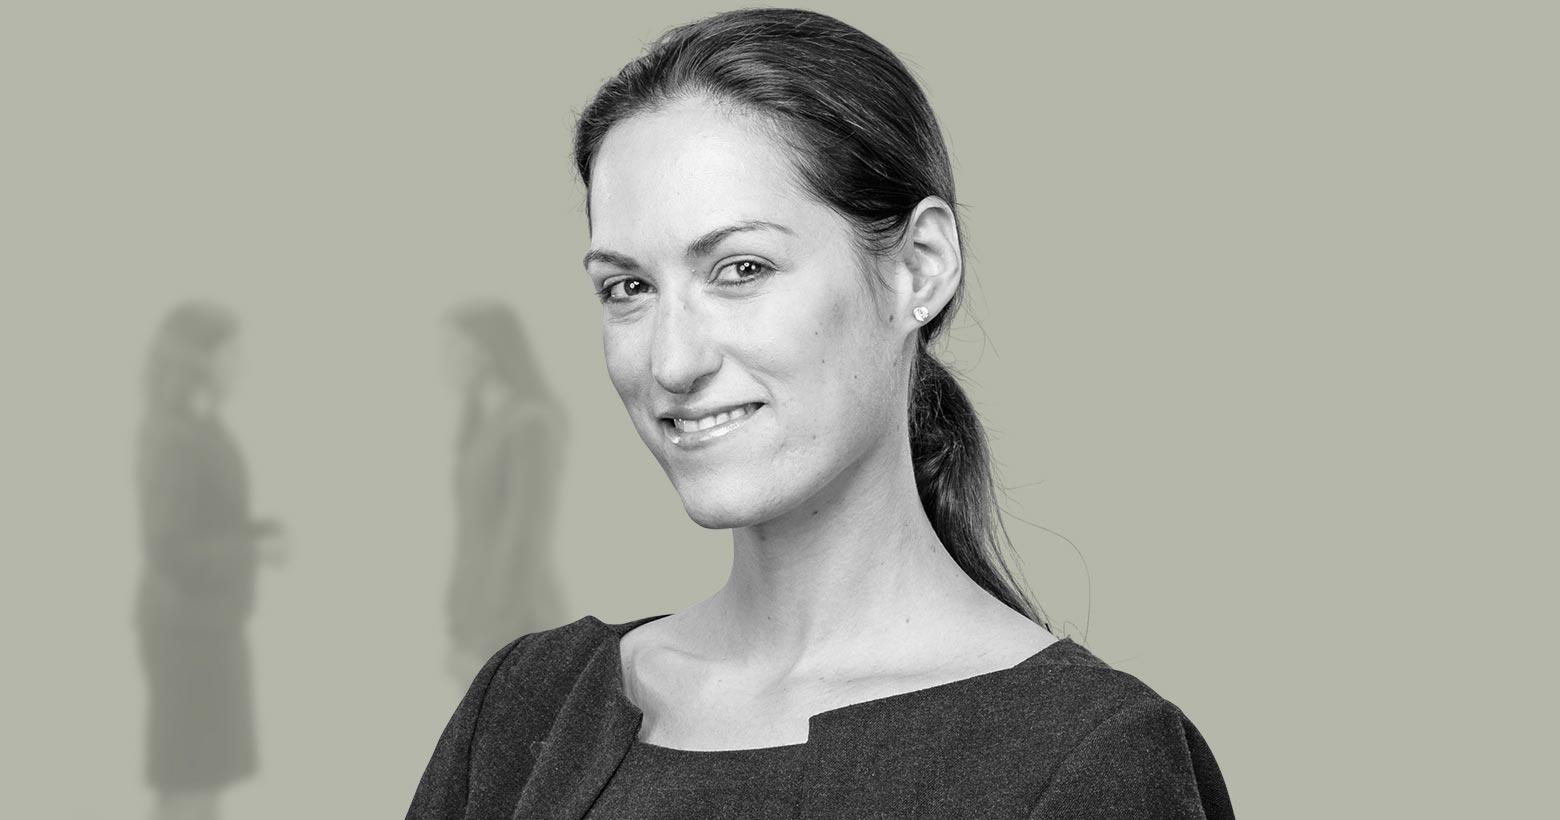 Jessica Tuchinsky